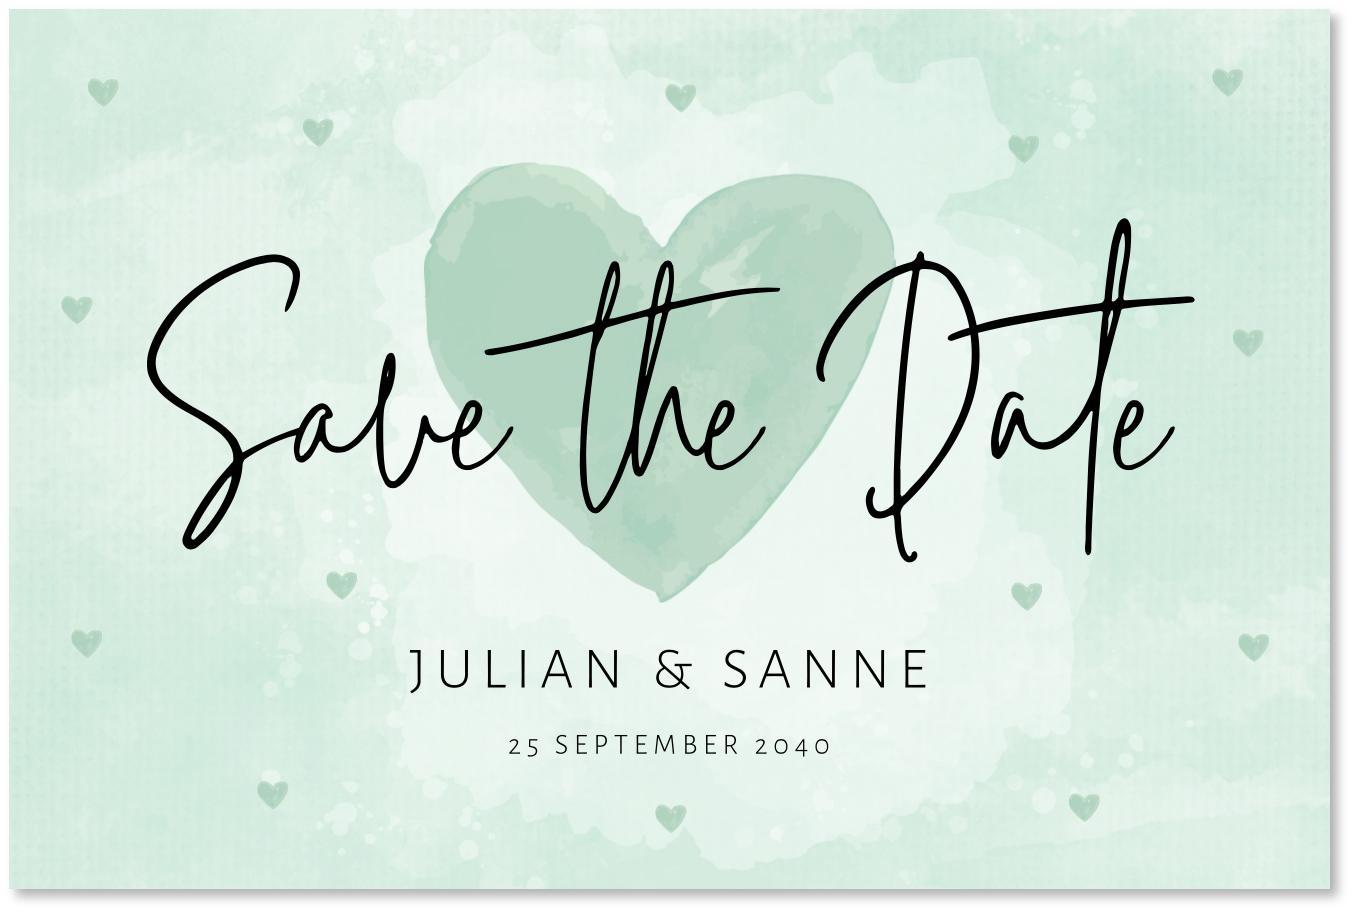 Save the Date kaart mintgroen